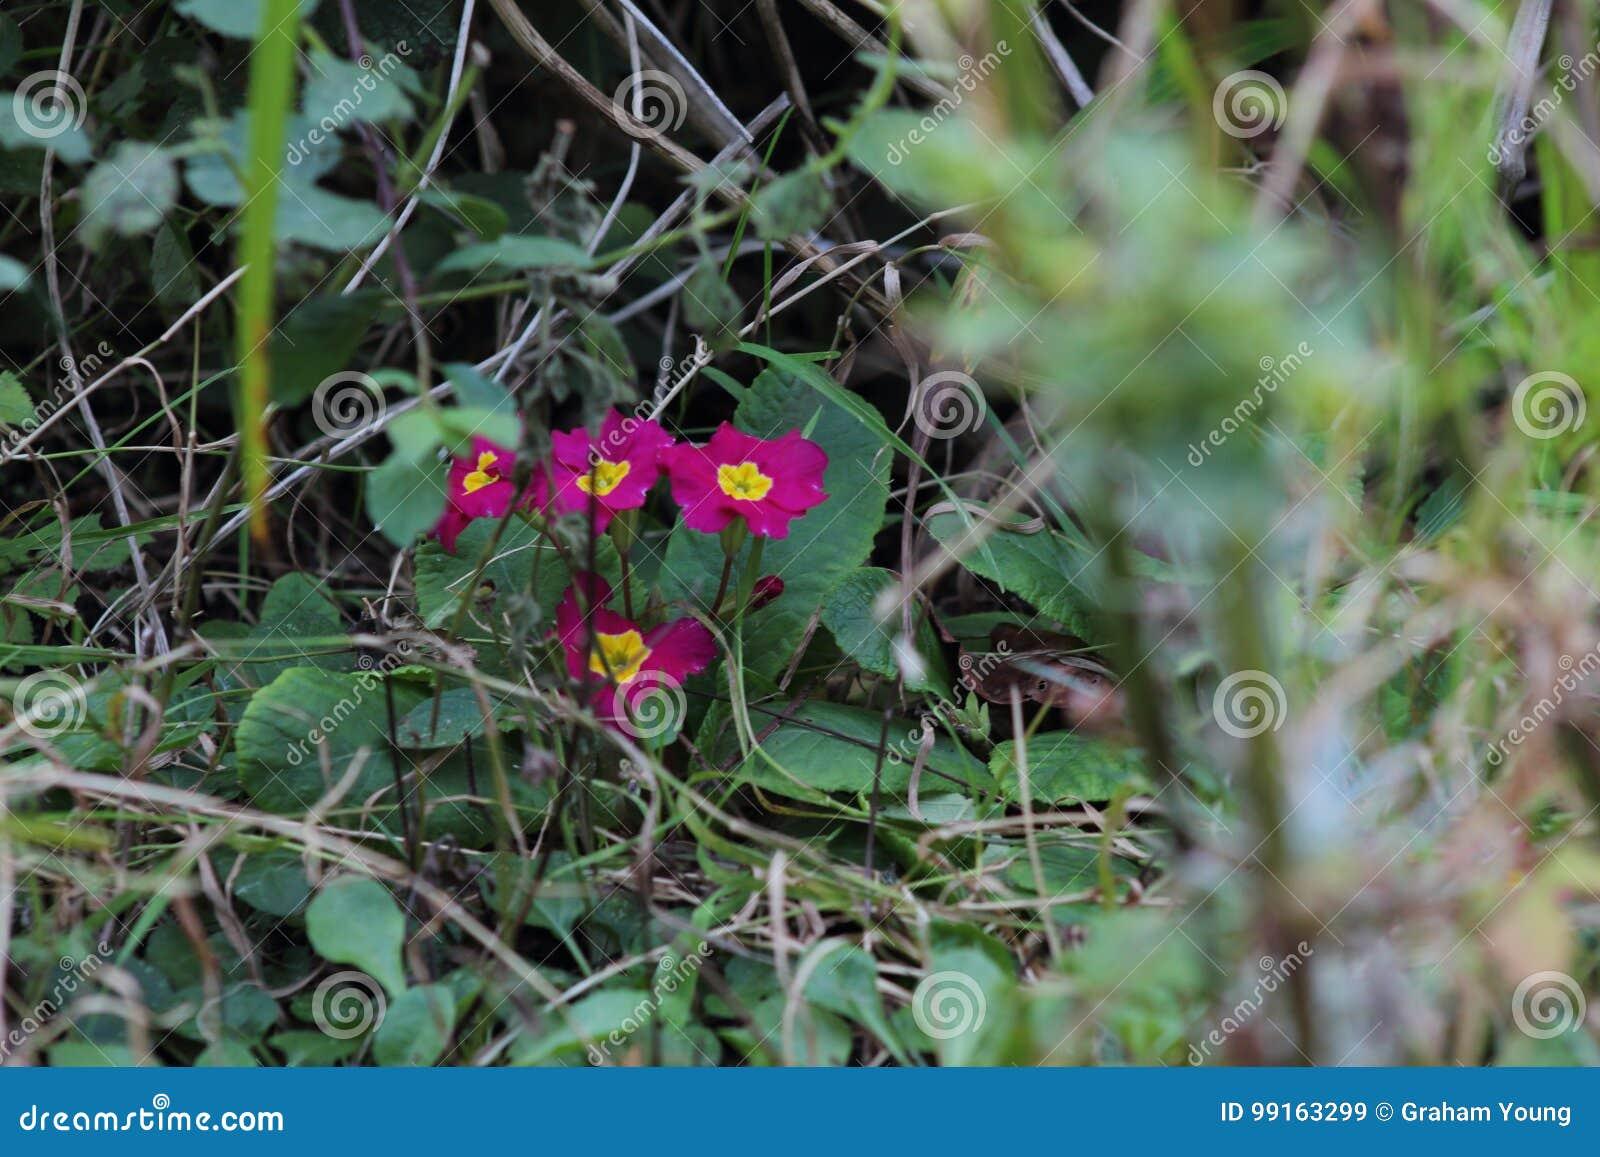 Gräser im englischen Garten, Nahaufnahme, mit Lavendel und kleinen flowes 2